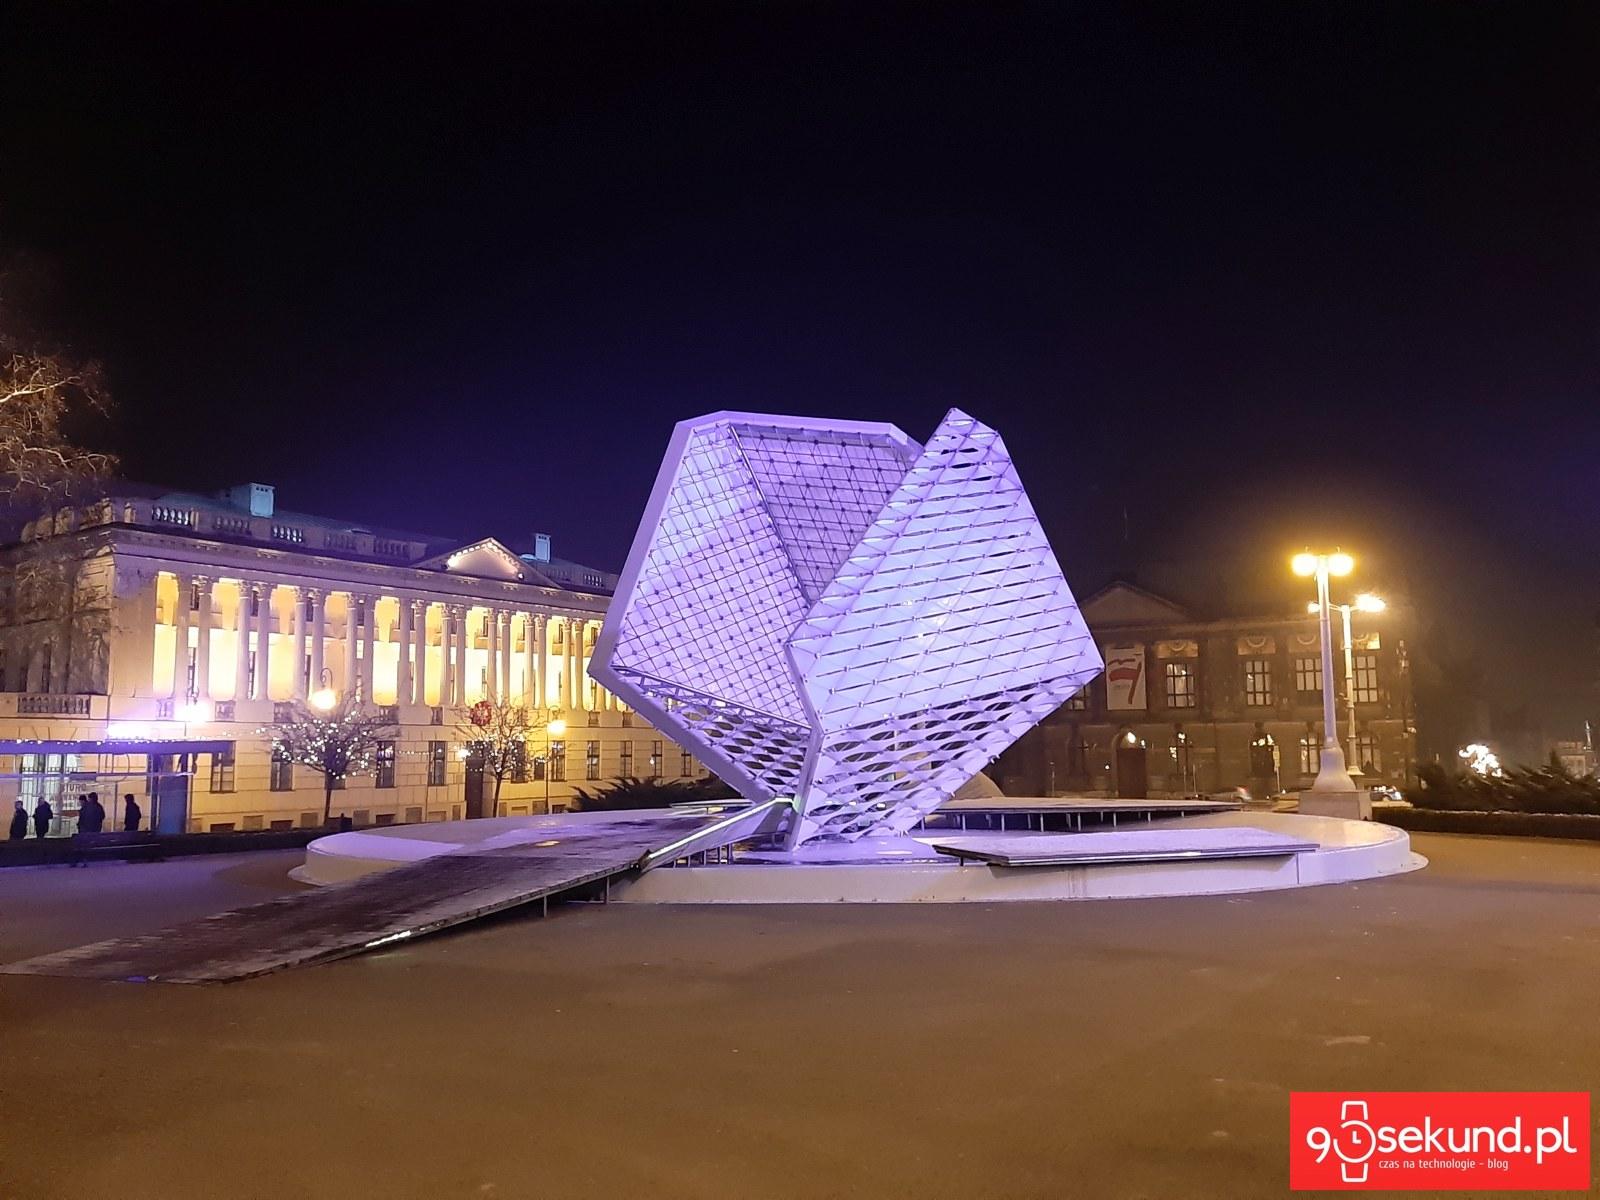 Zdjęcie wykonane Galaxy A7 2018 - Michał Brożyński 90sekund.pl